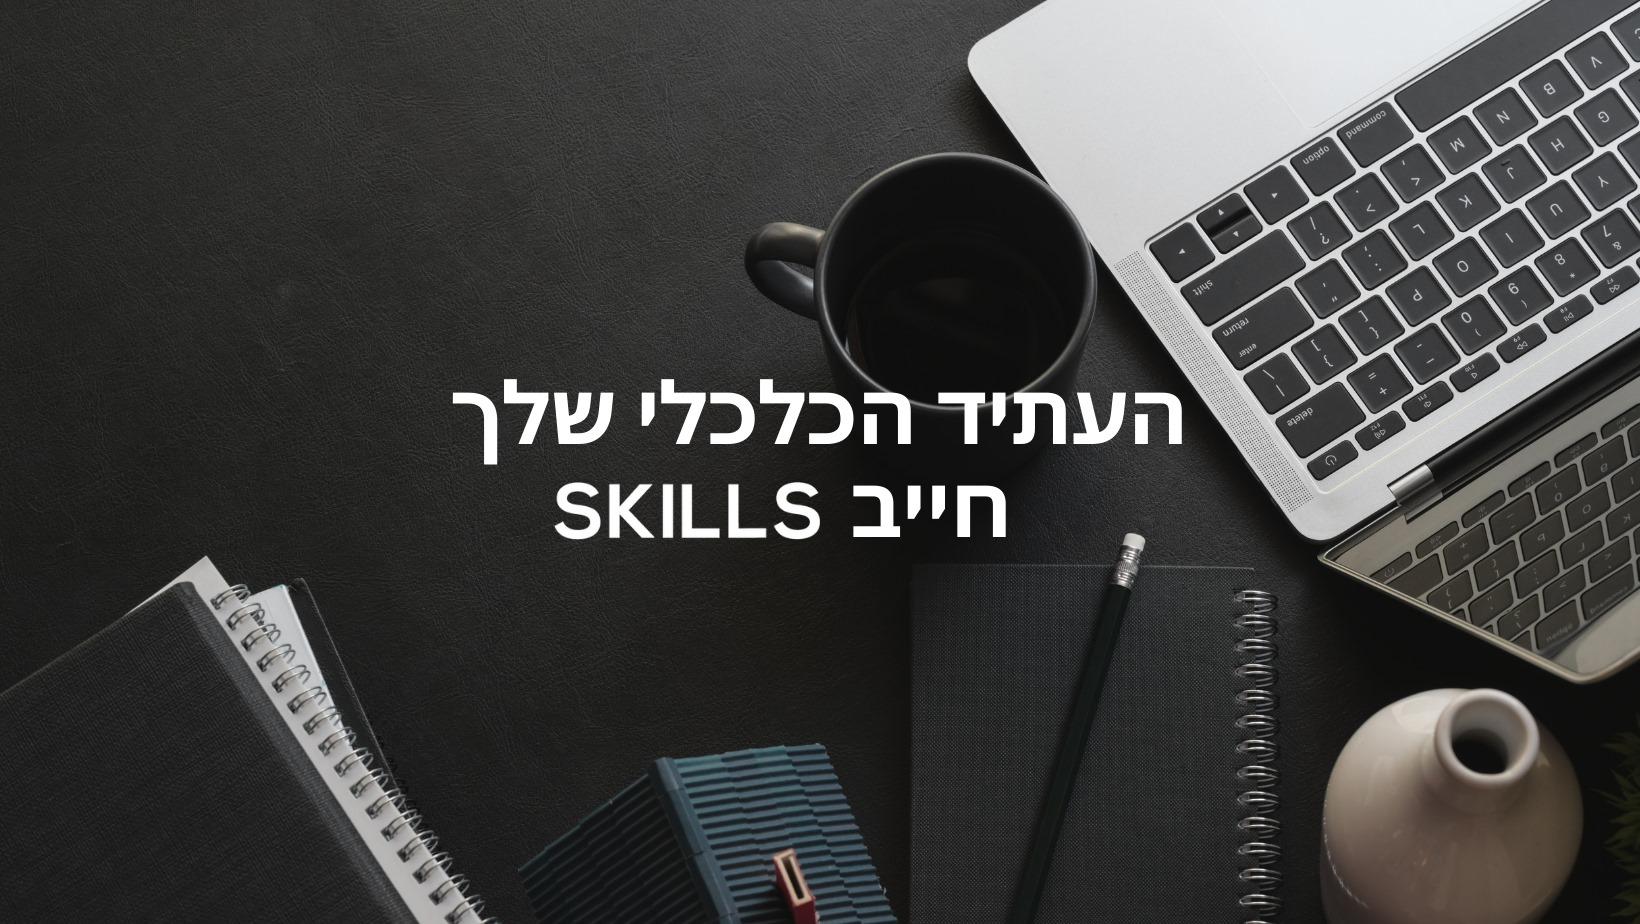 מכללת SKILLS - לימודי שוק ההון למתחילים וגם למתקדמים